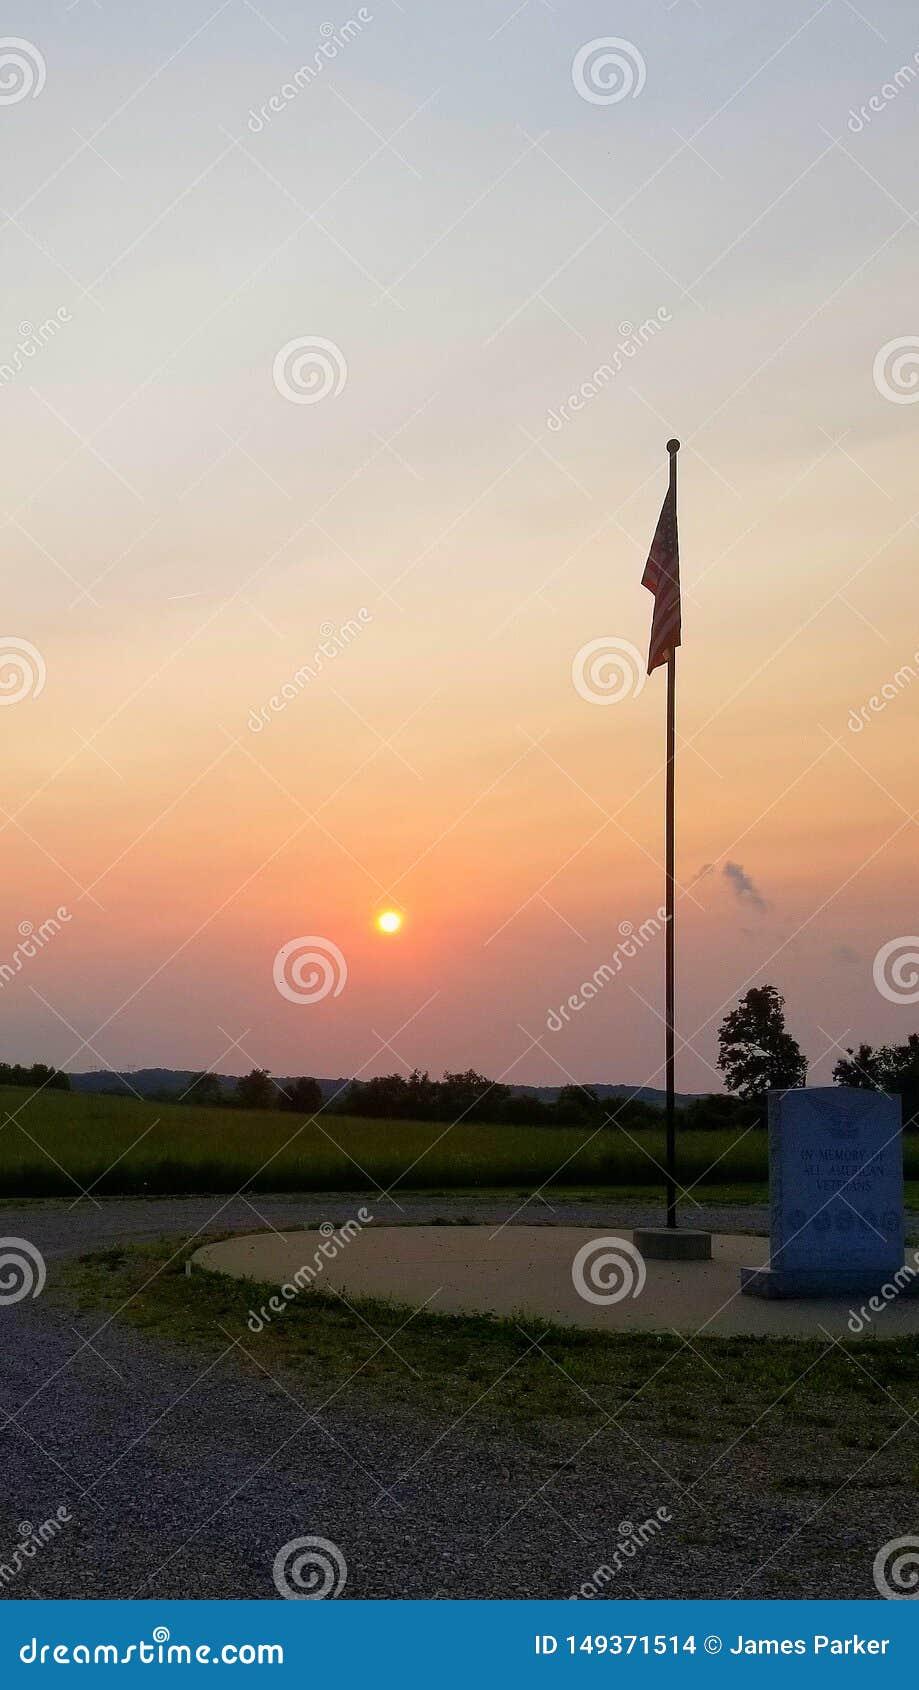 Sun setting on the flag pole